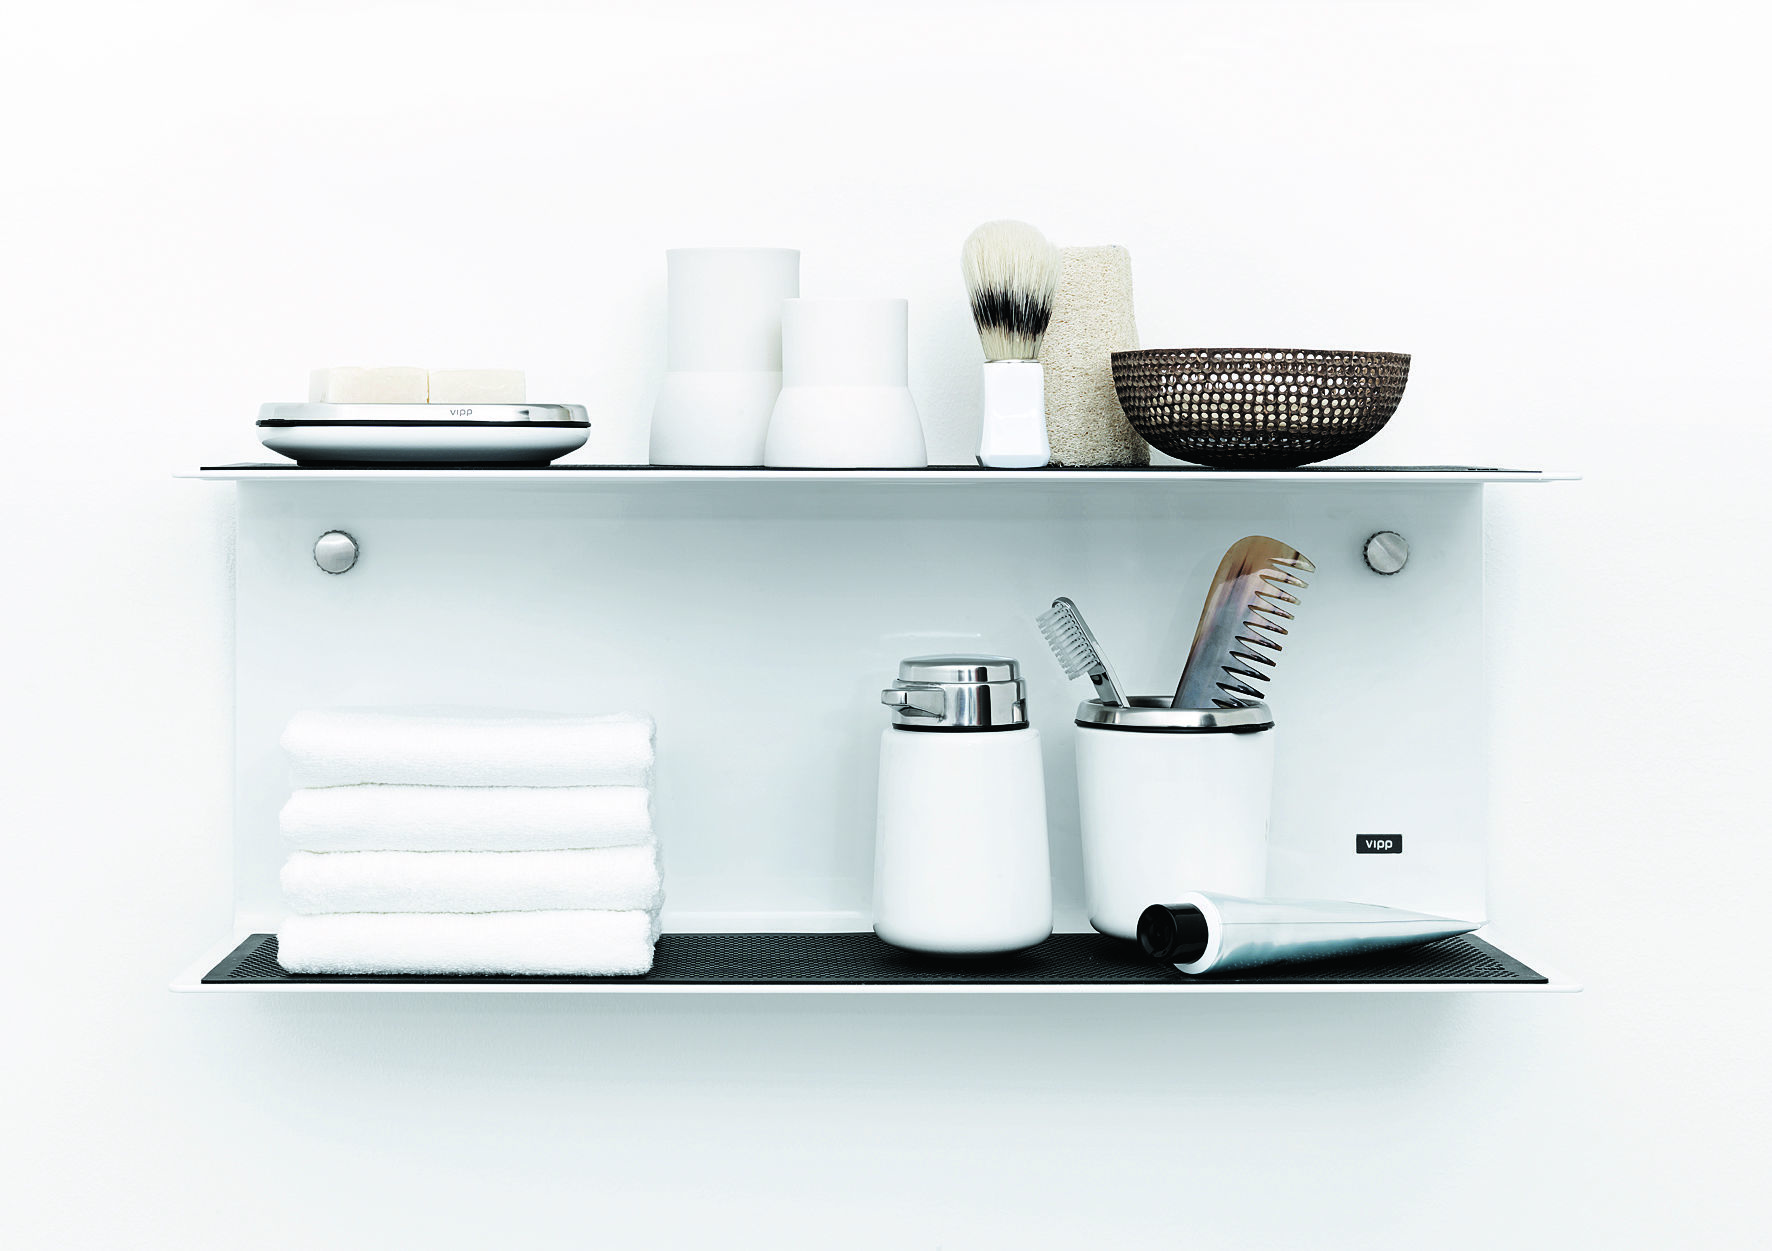 12 Ideen für mehr Ablage im Bad | Zuhausewohnen